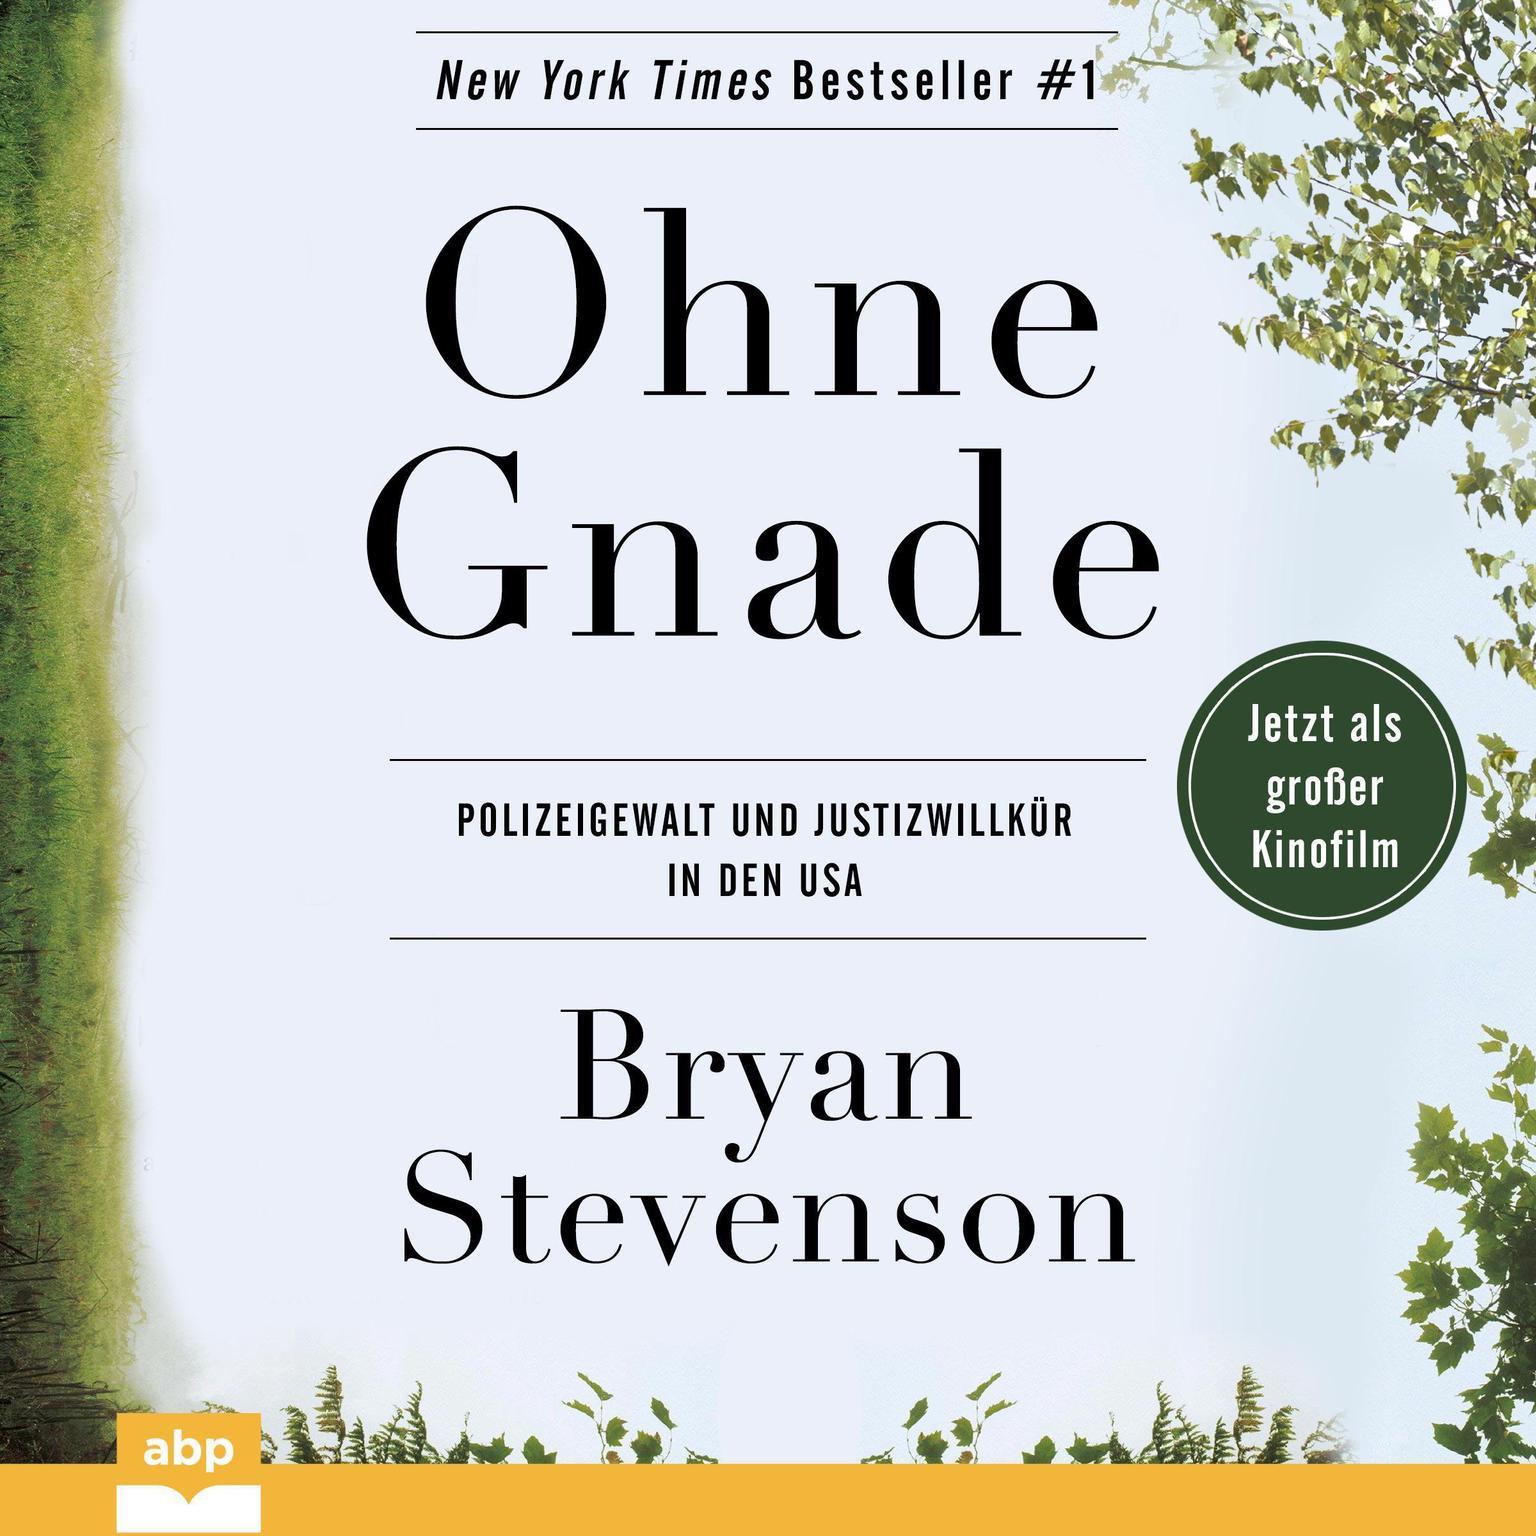 Ohne Gnade: Polizeigewalt und Justizwillkür in den USA Audiobook, by Bryan Stevenson